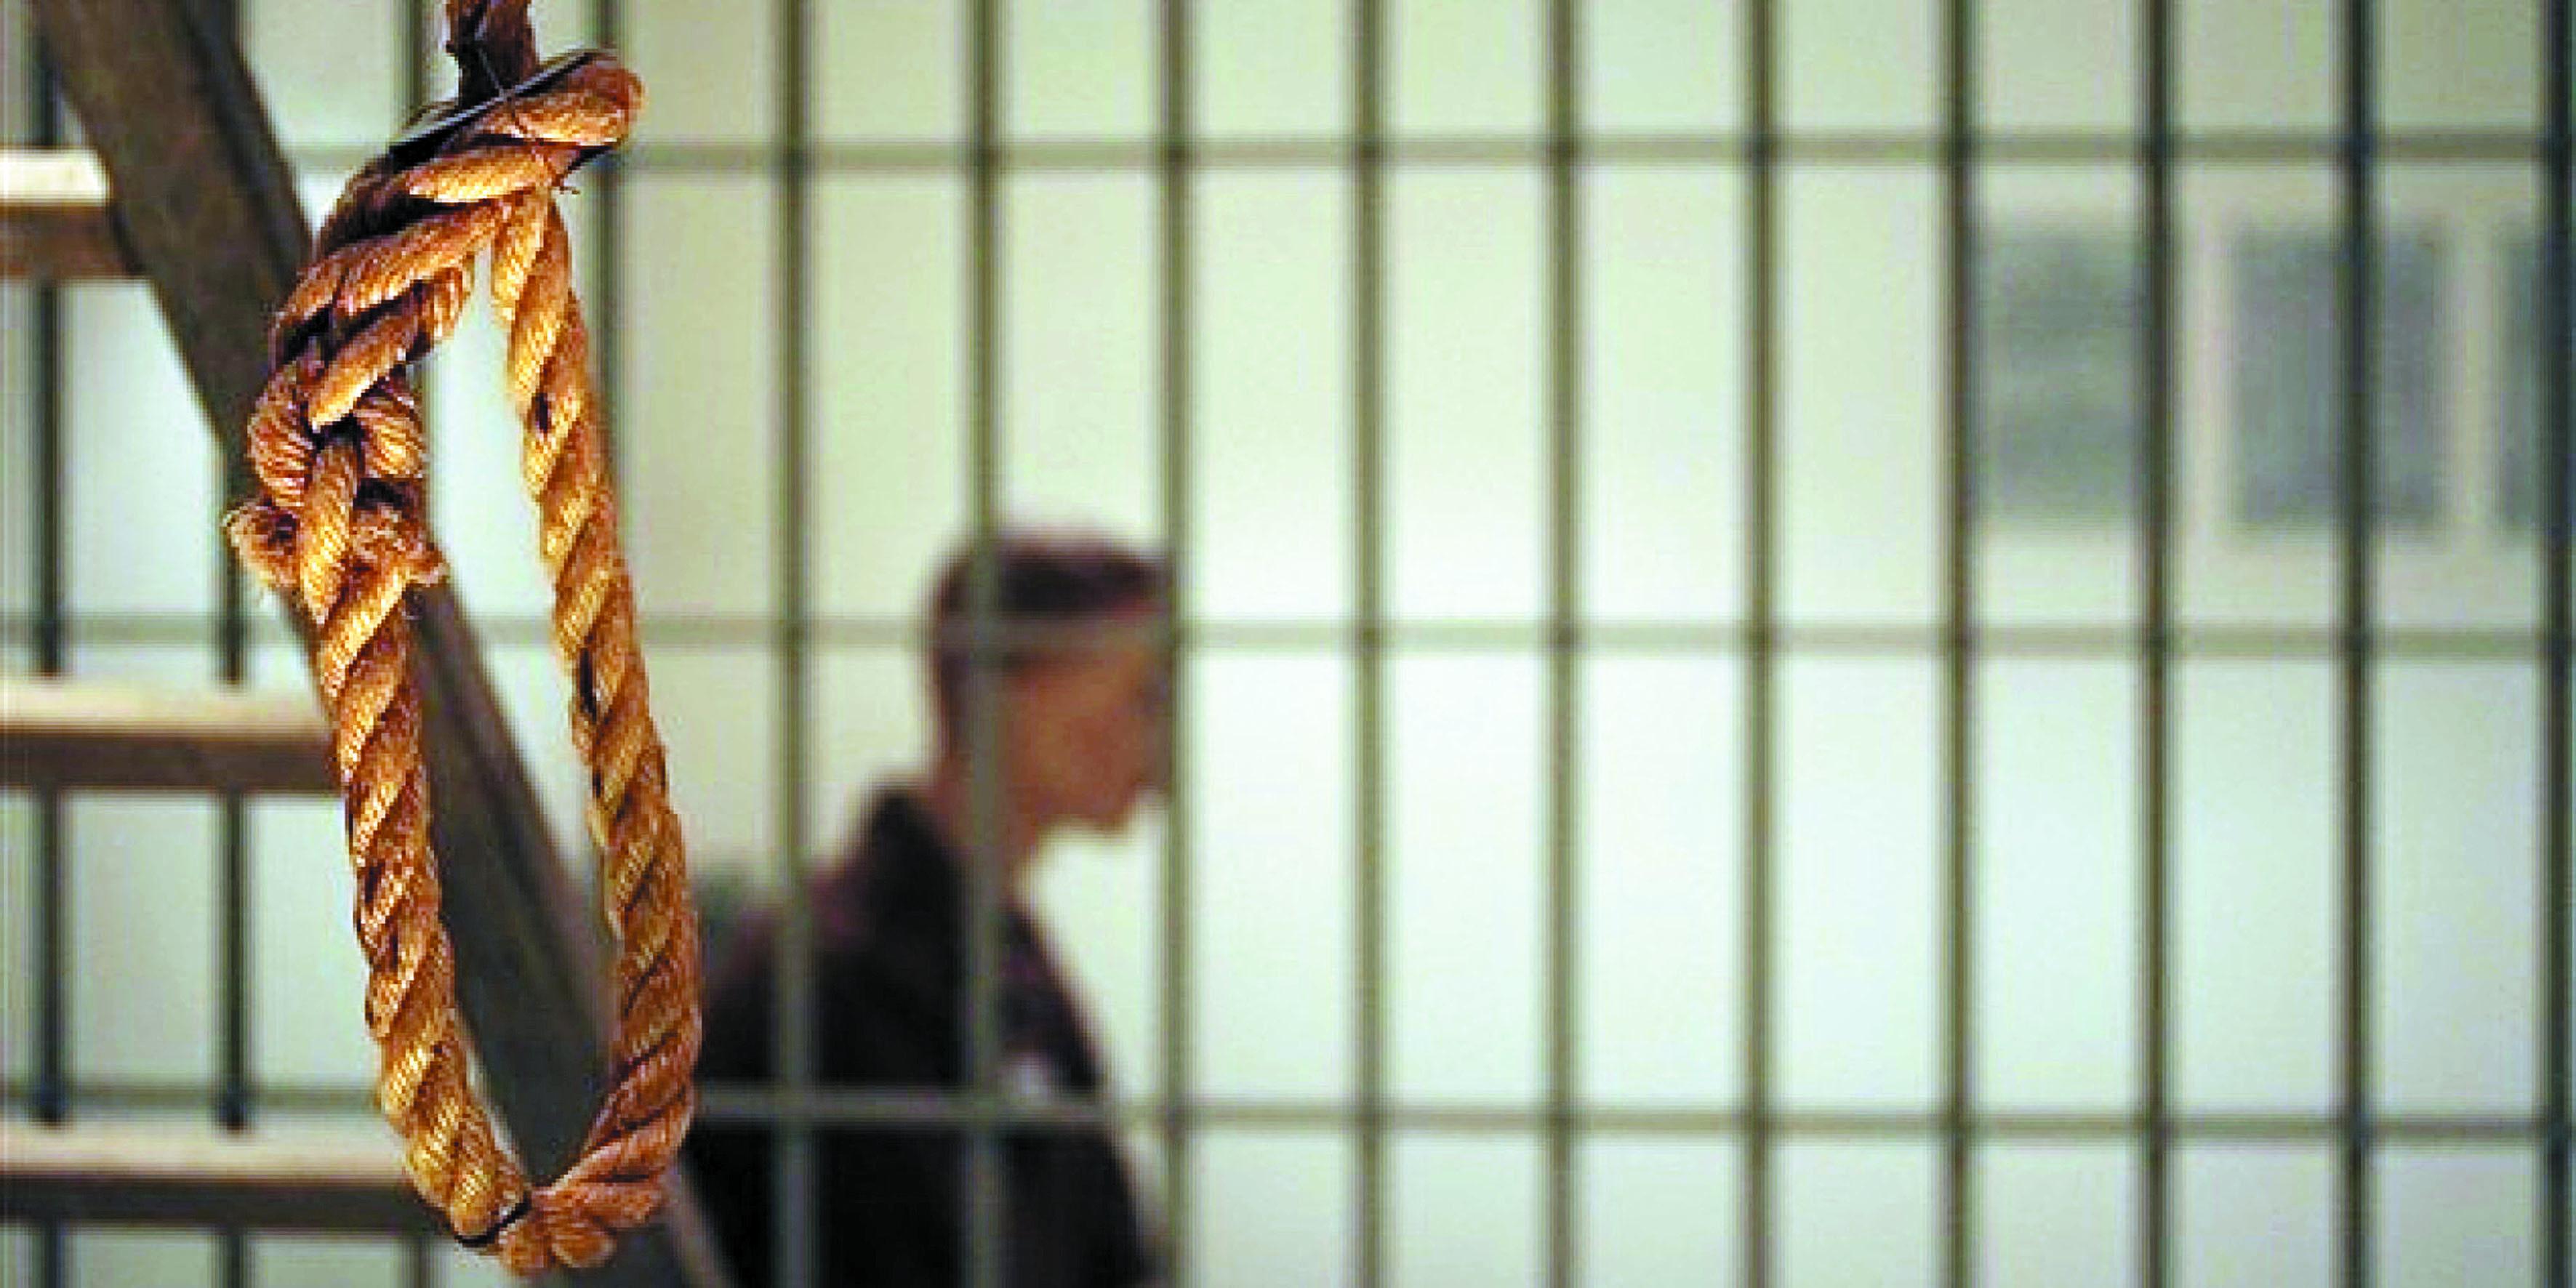 Le mauvais argumentaire des défenseurs de la peine de mort